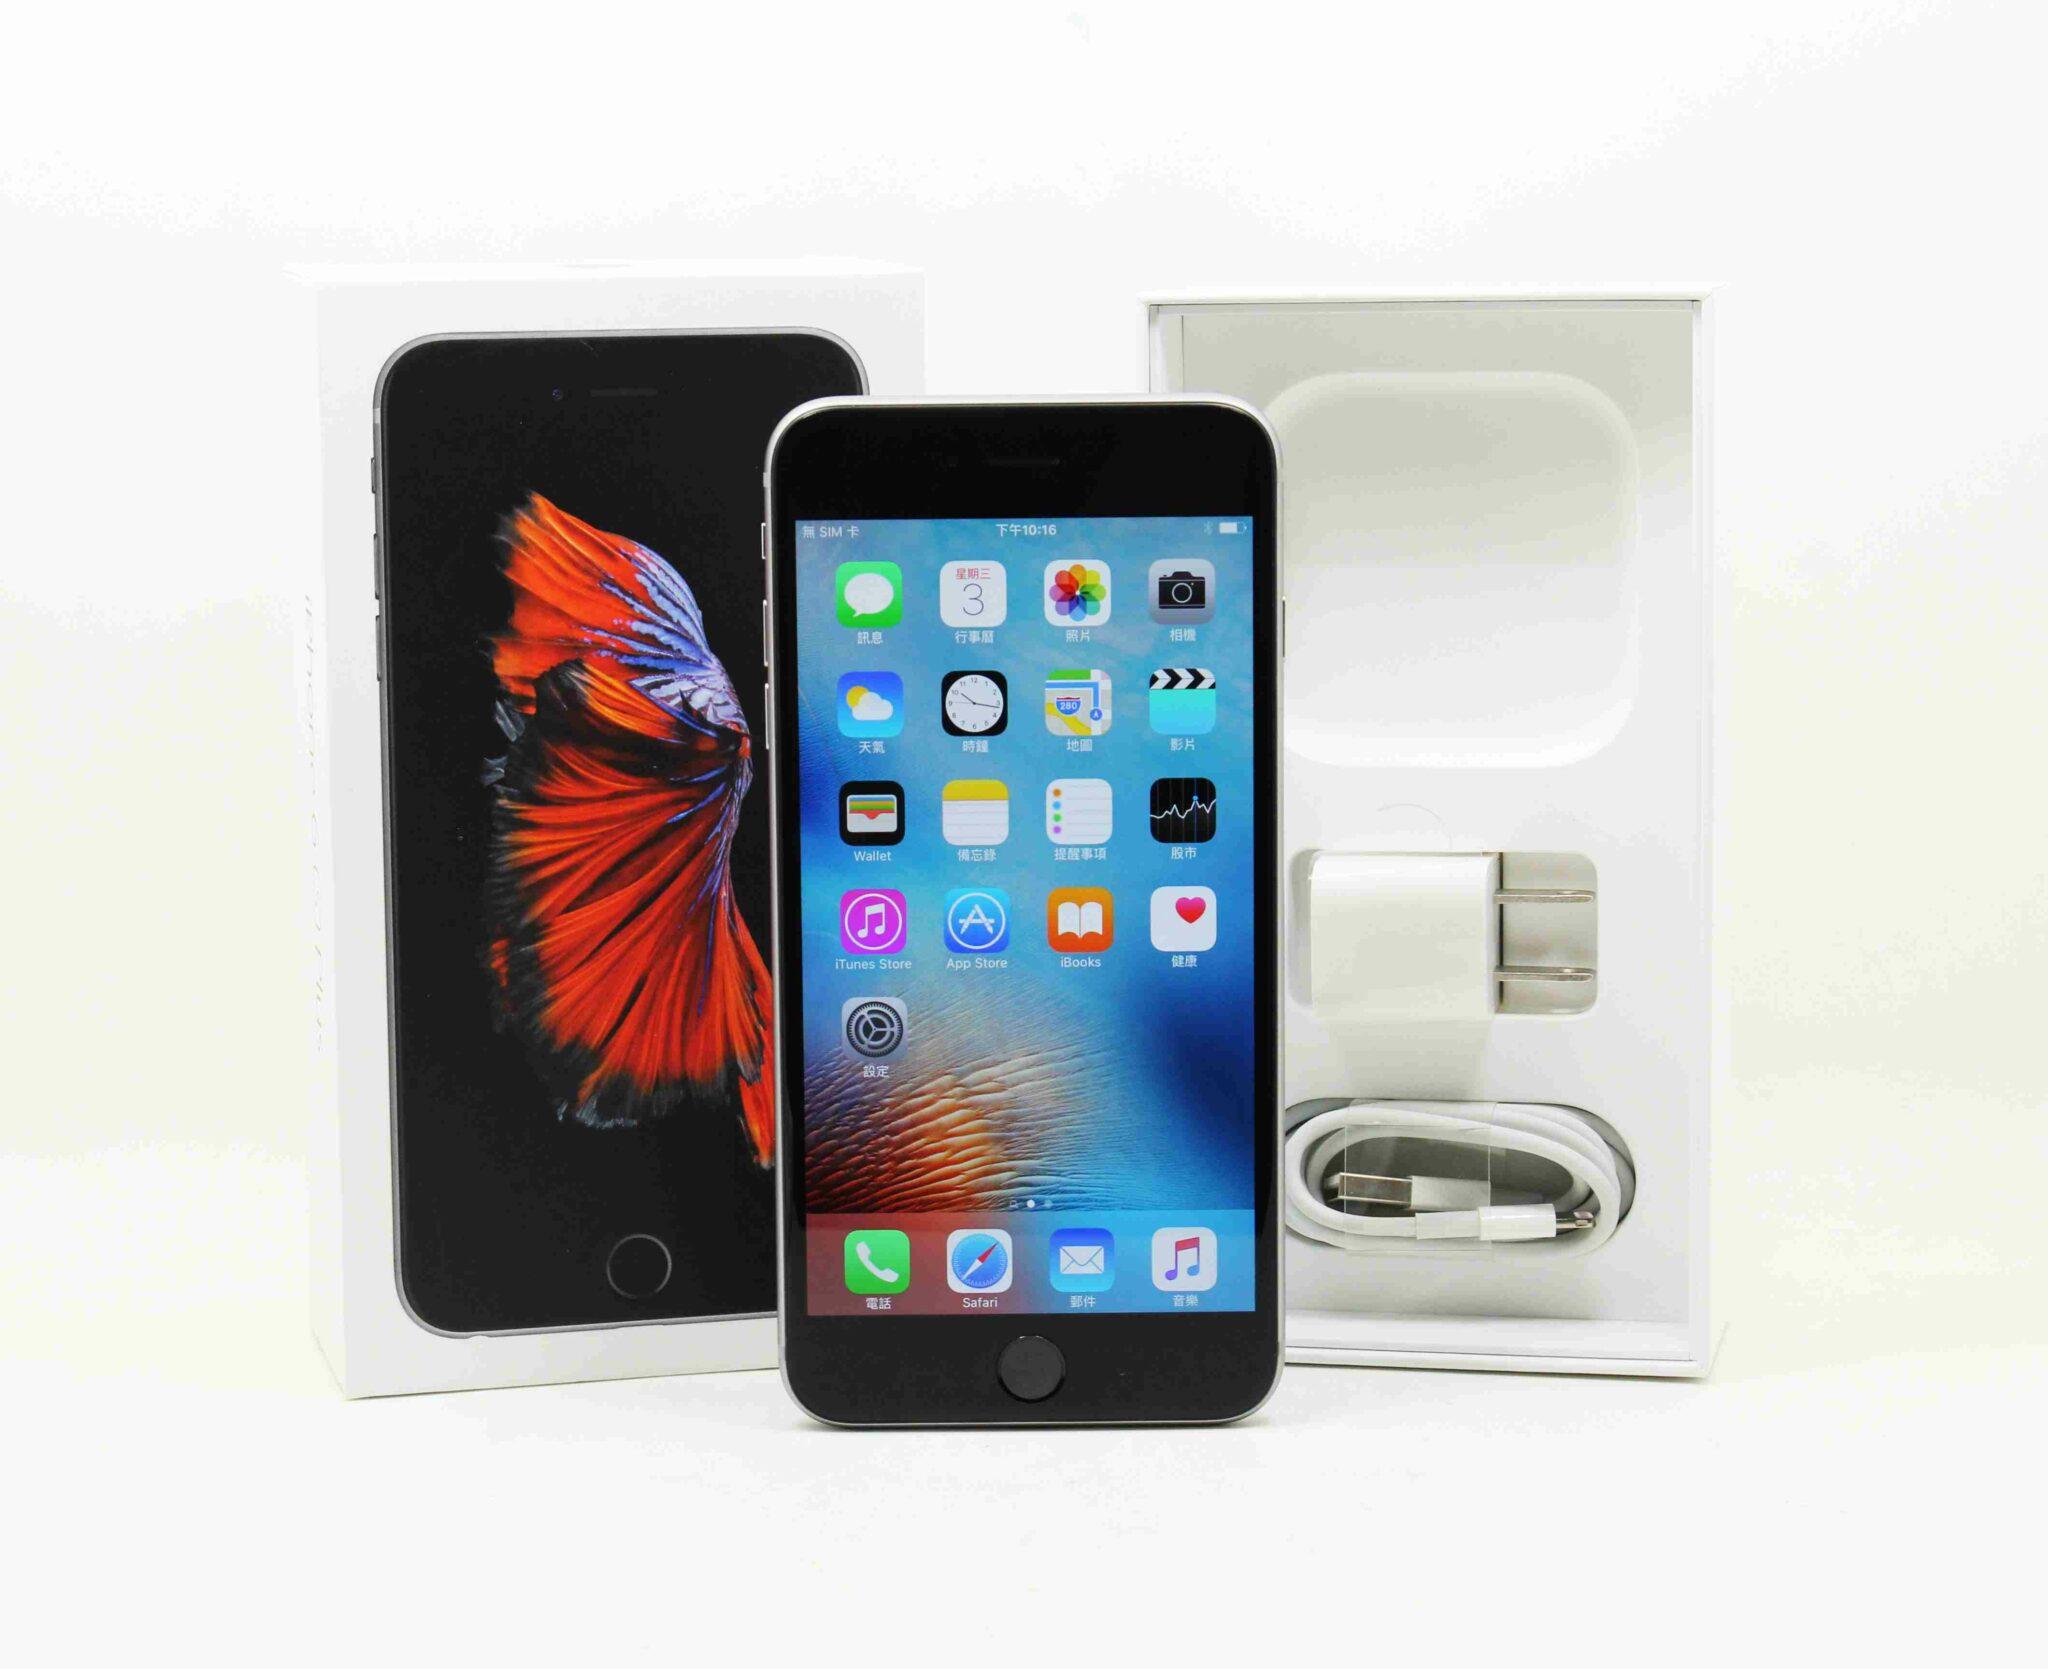 |高雄回收二手iphone|APPLE IPHONE 6S PLUS 64GB 黑 二手 蘋果手機 保固中 #05776 - 青蘋果 二手3C 拍賣 回收 買賣 領導品牌